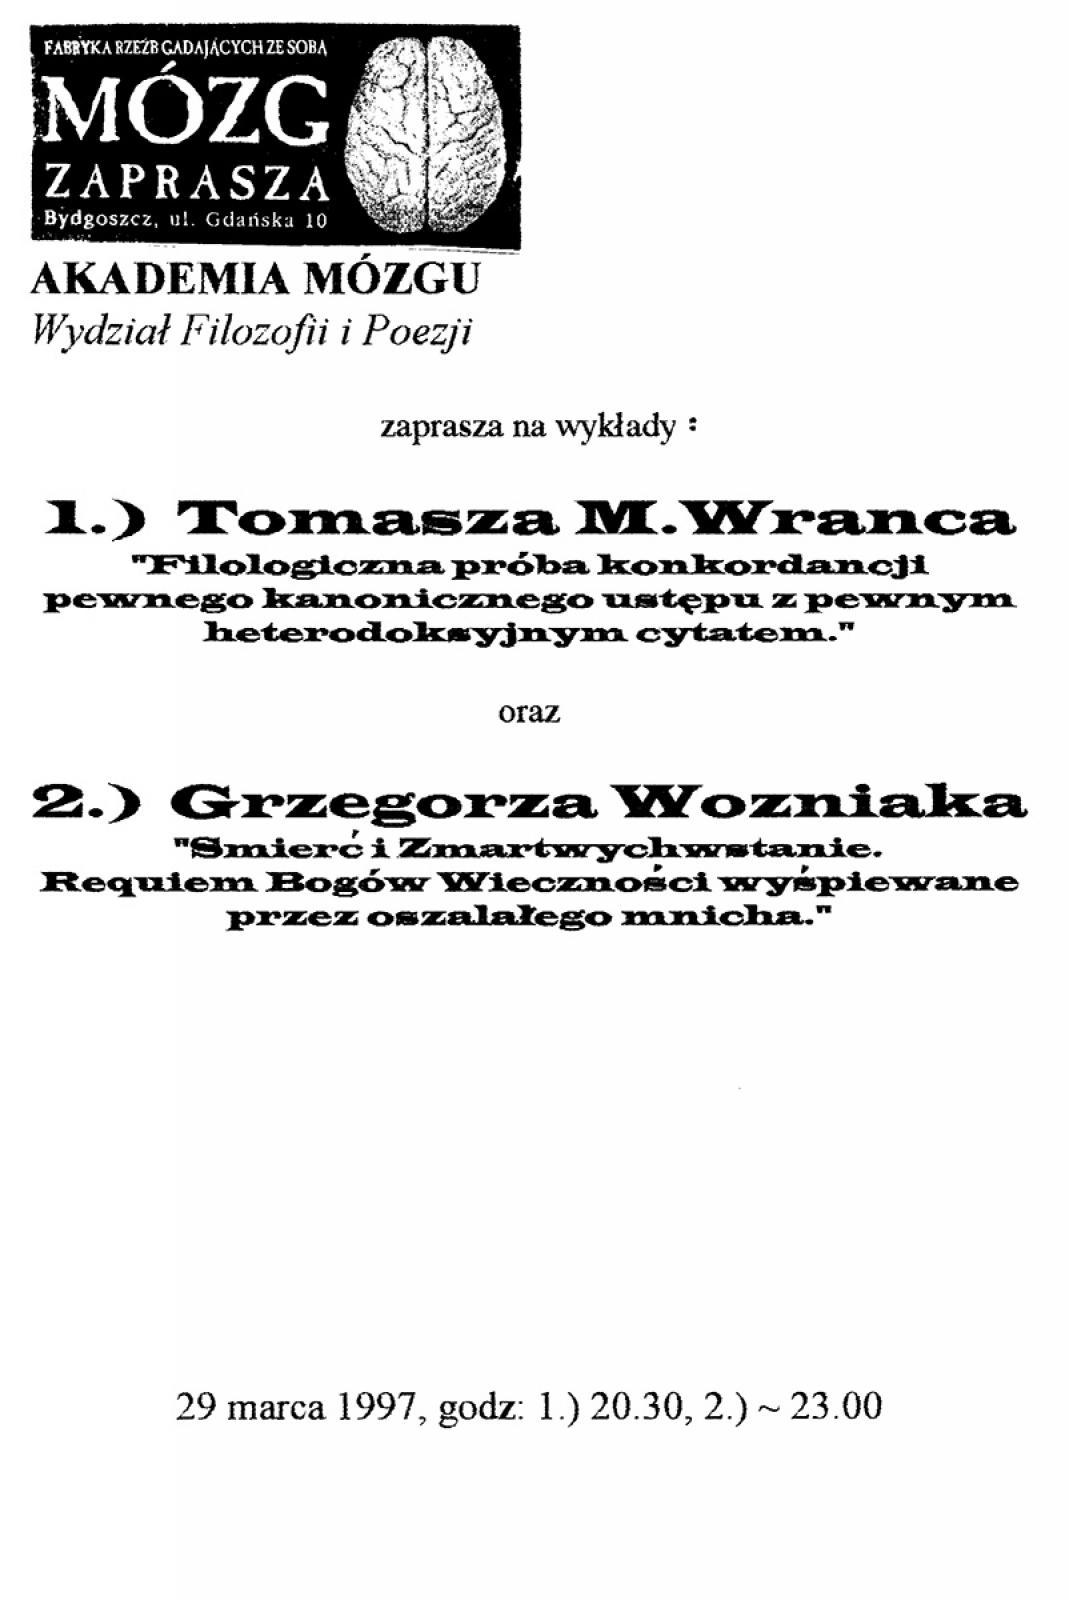 Akademia Mózgu: Zygmunt Maciejowicz / Tomasz M. Wranz /  Grzegorz Woźniak